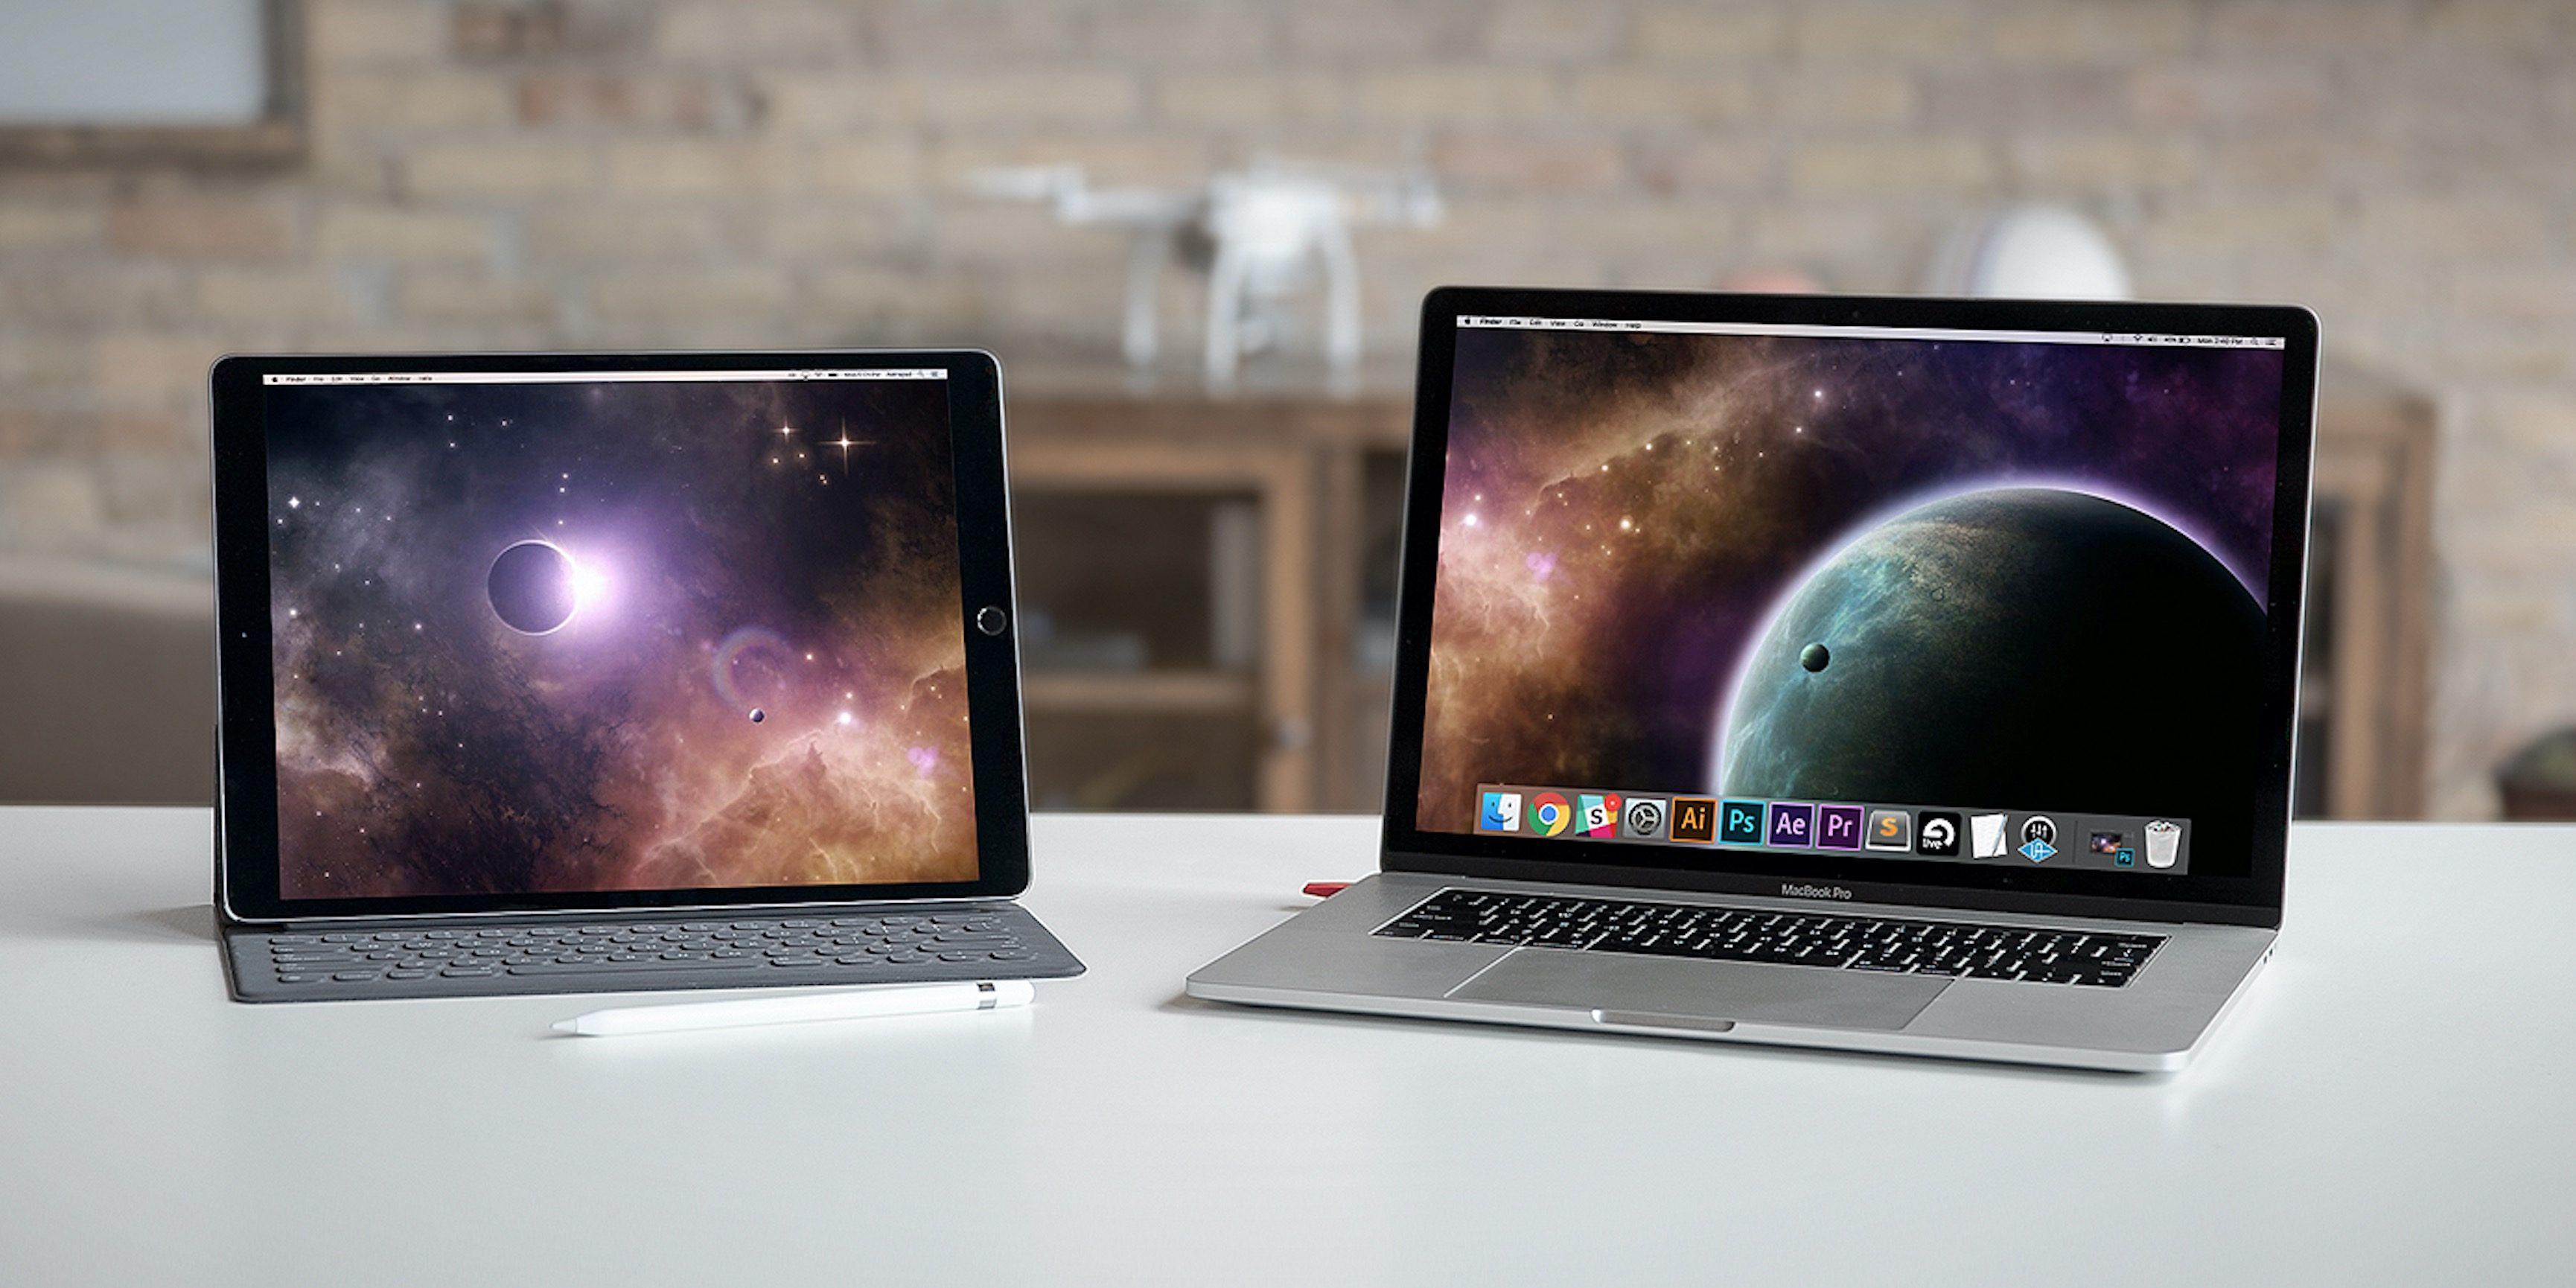 Luna Display, acessório de segunda tela para iPads da Astro HQ